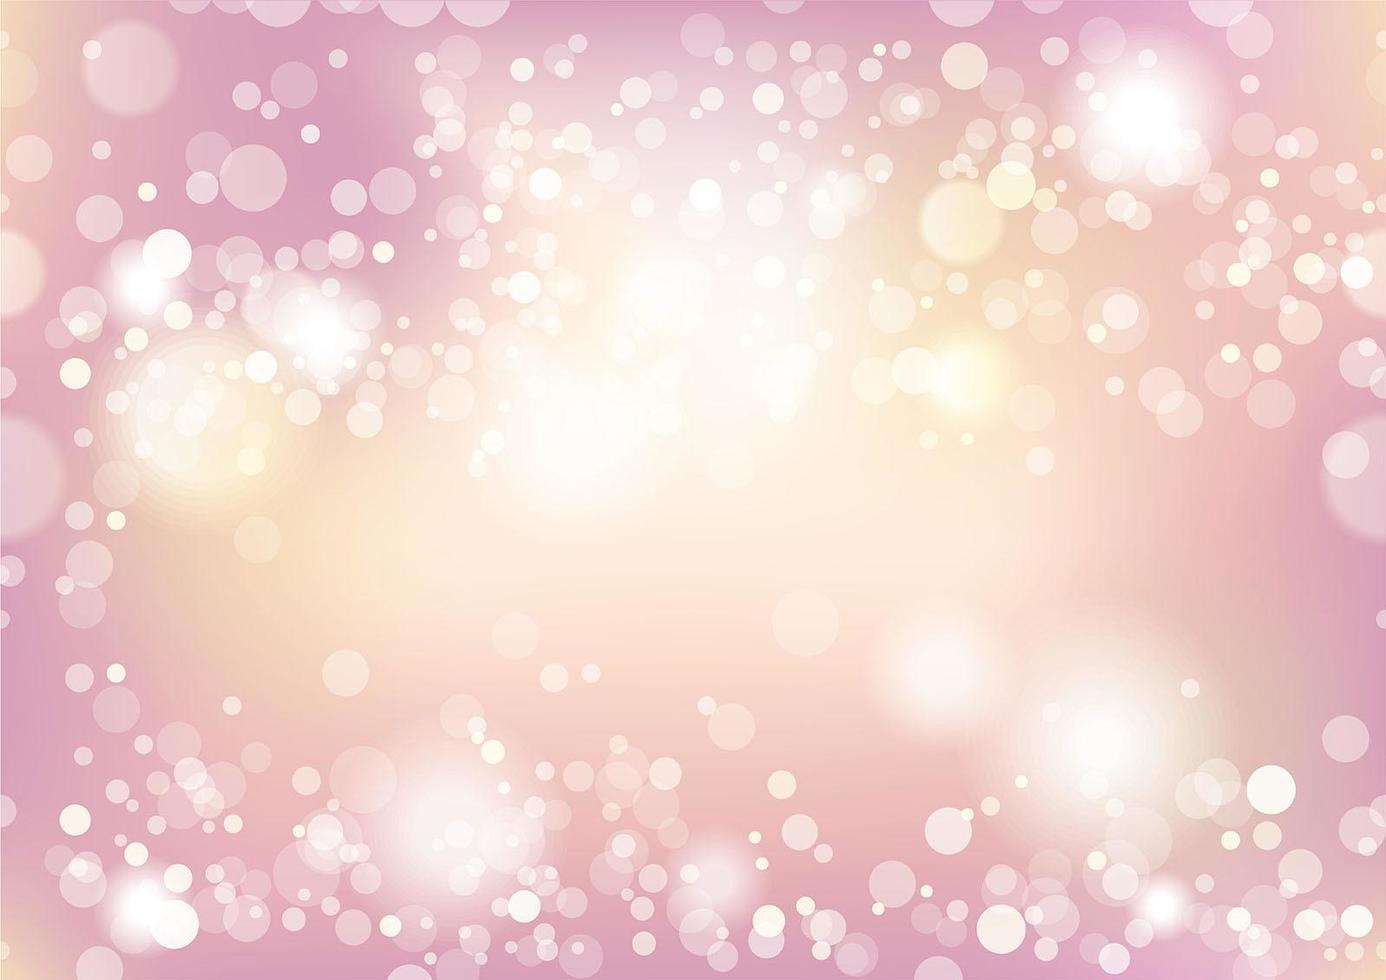 rosa abstrakt bokeh bakgrund vektor